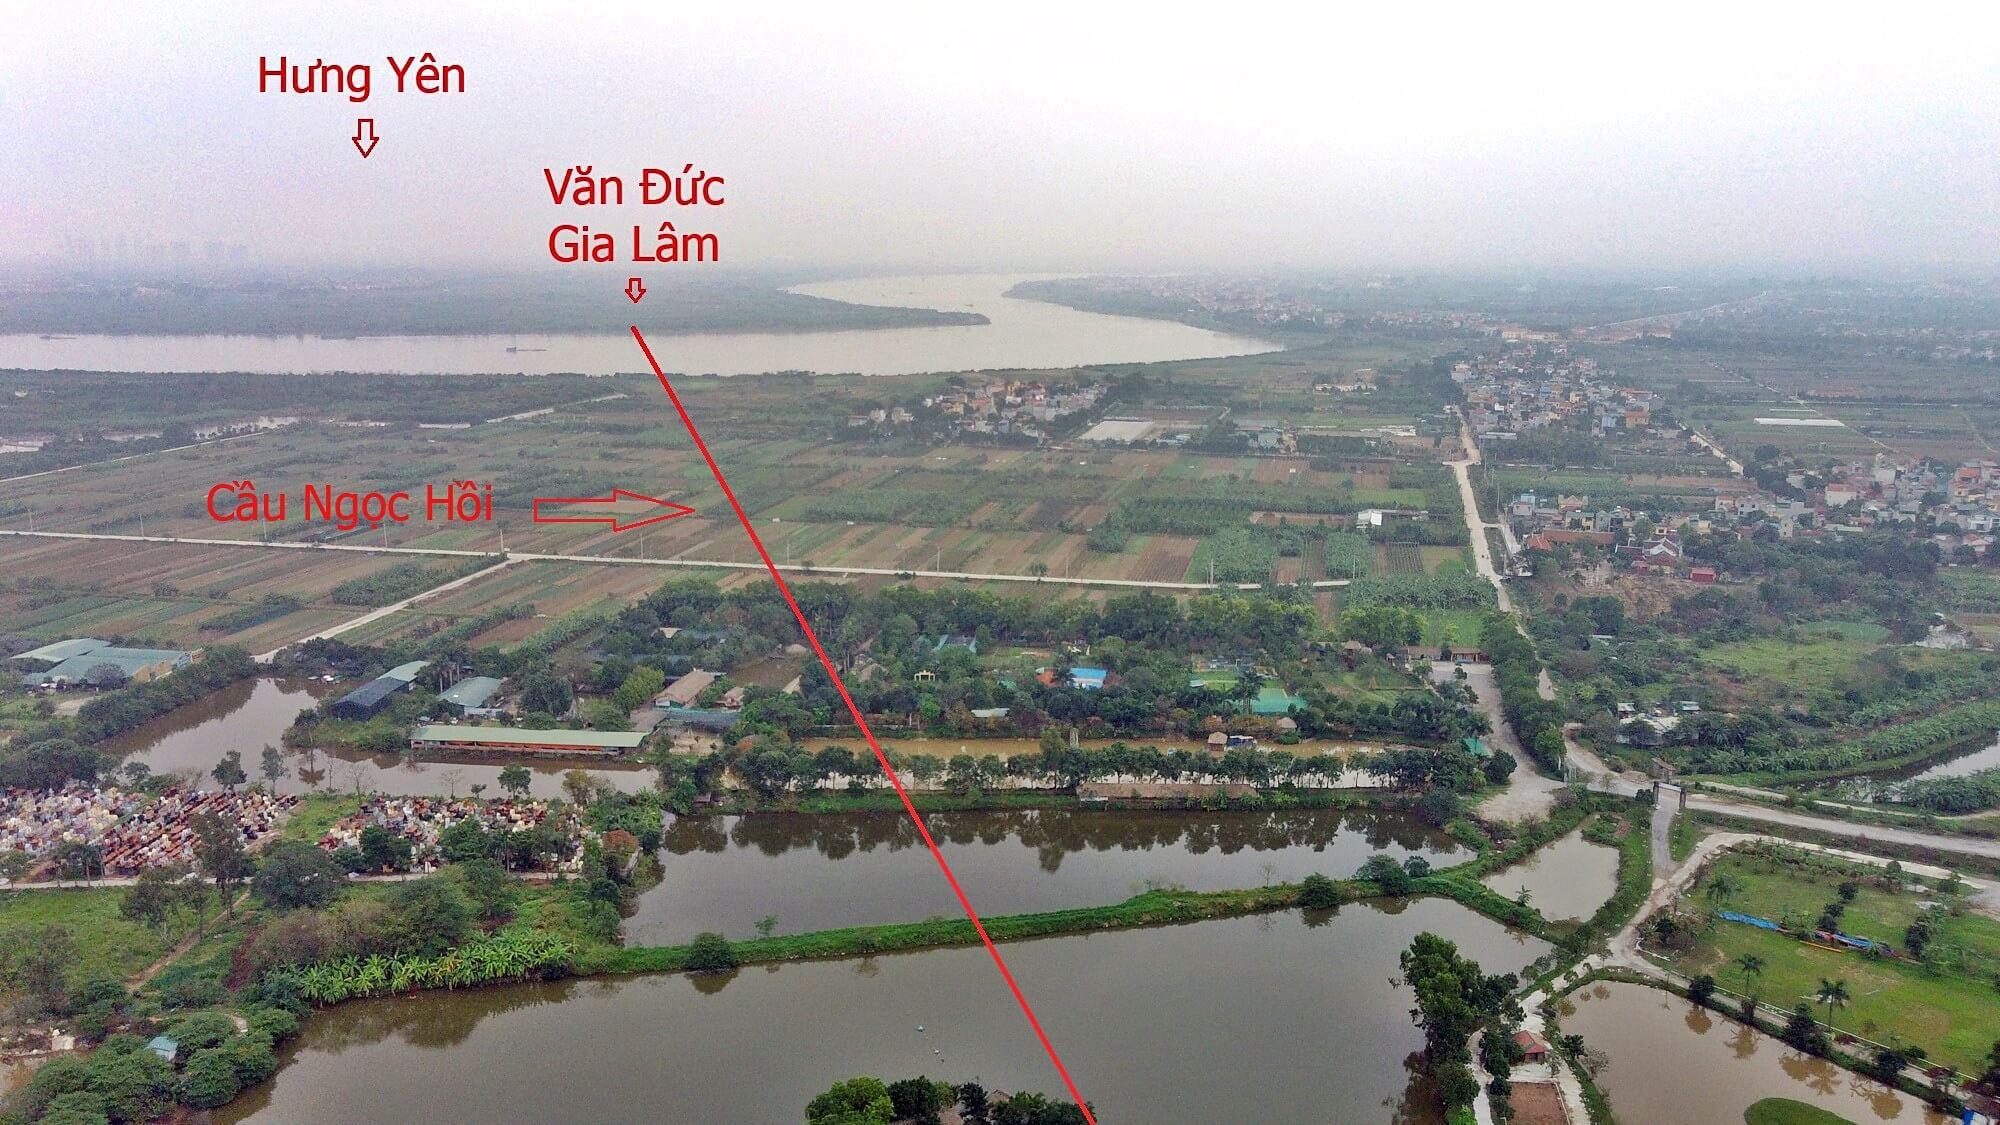 Cầu Ngọc Hồi tiếp nối từ đường vành đai 3,5 chạy qua sông Hồng đến Văn Đức ( Gia Lâm ).